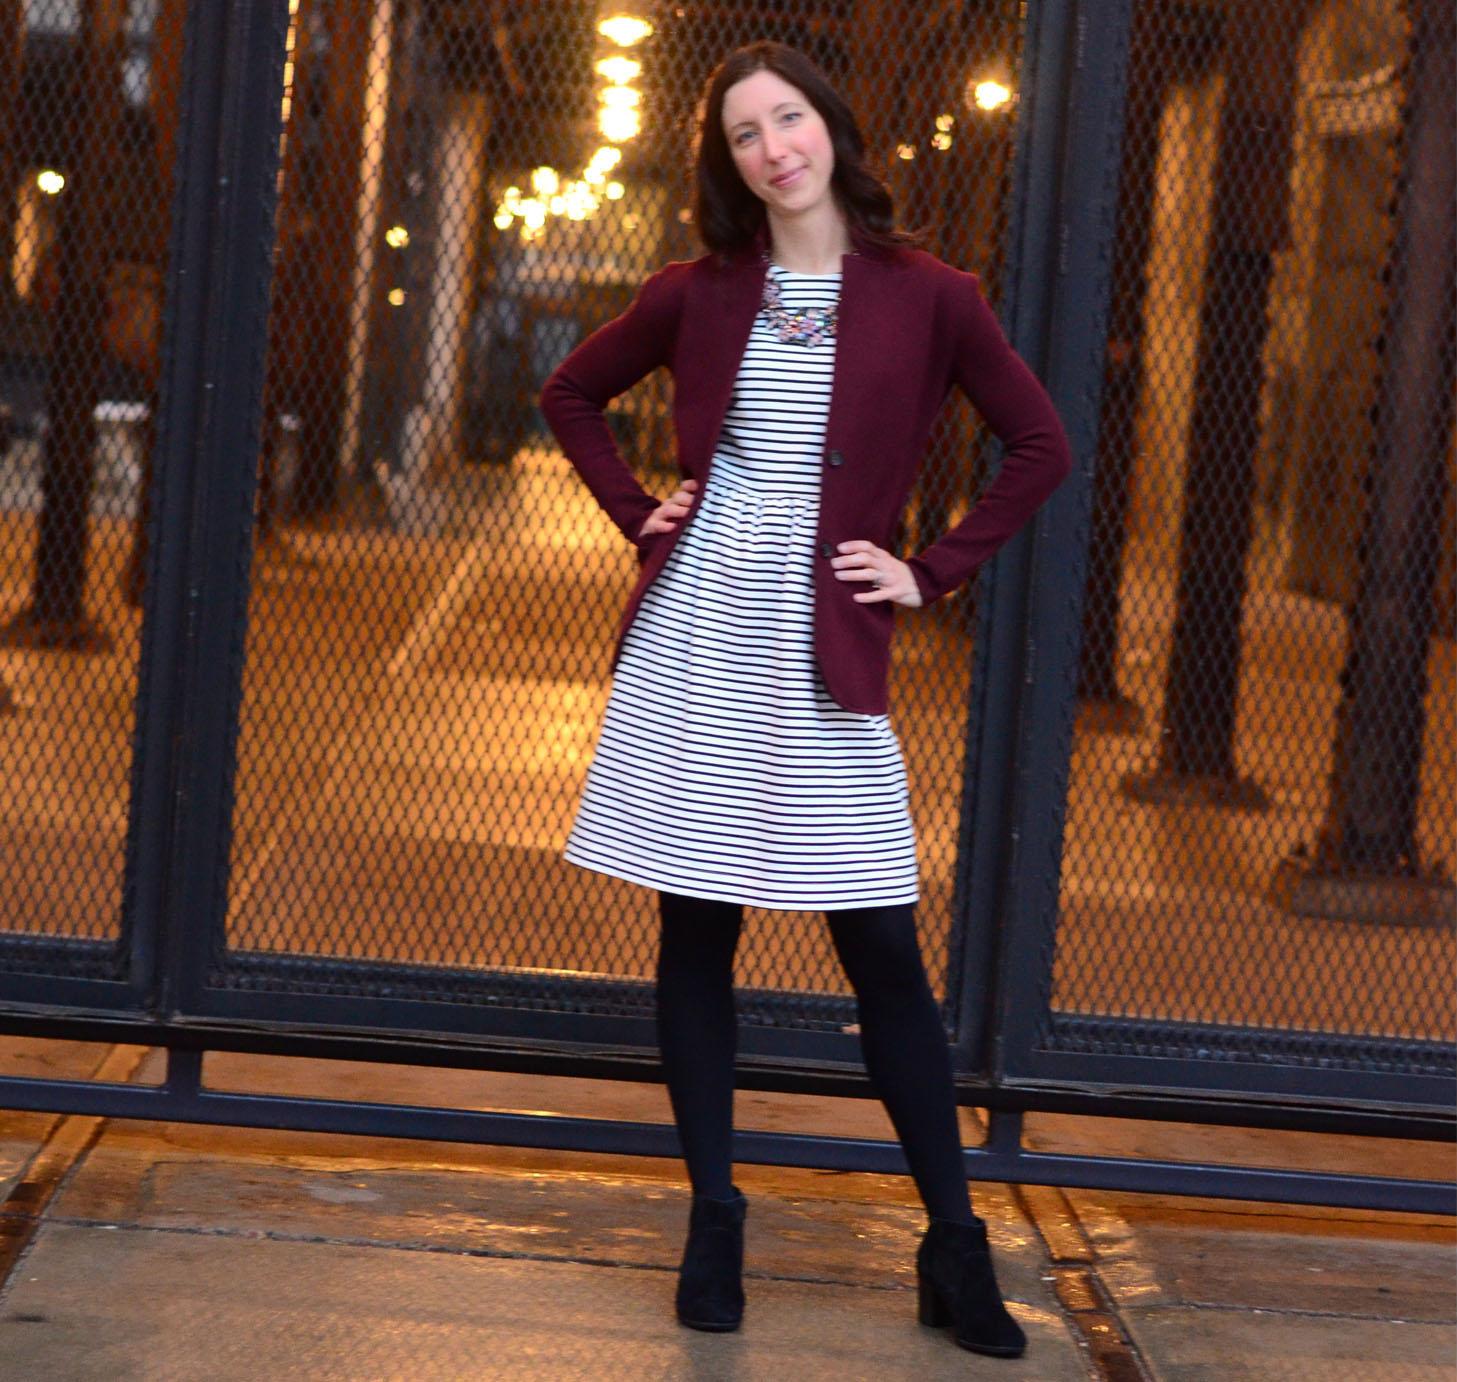 women-i-work-with-target-jen-scully-stripe-dress-maroon-jacket